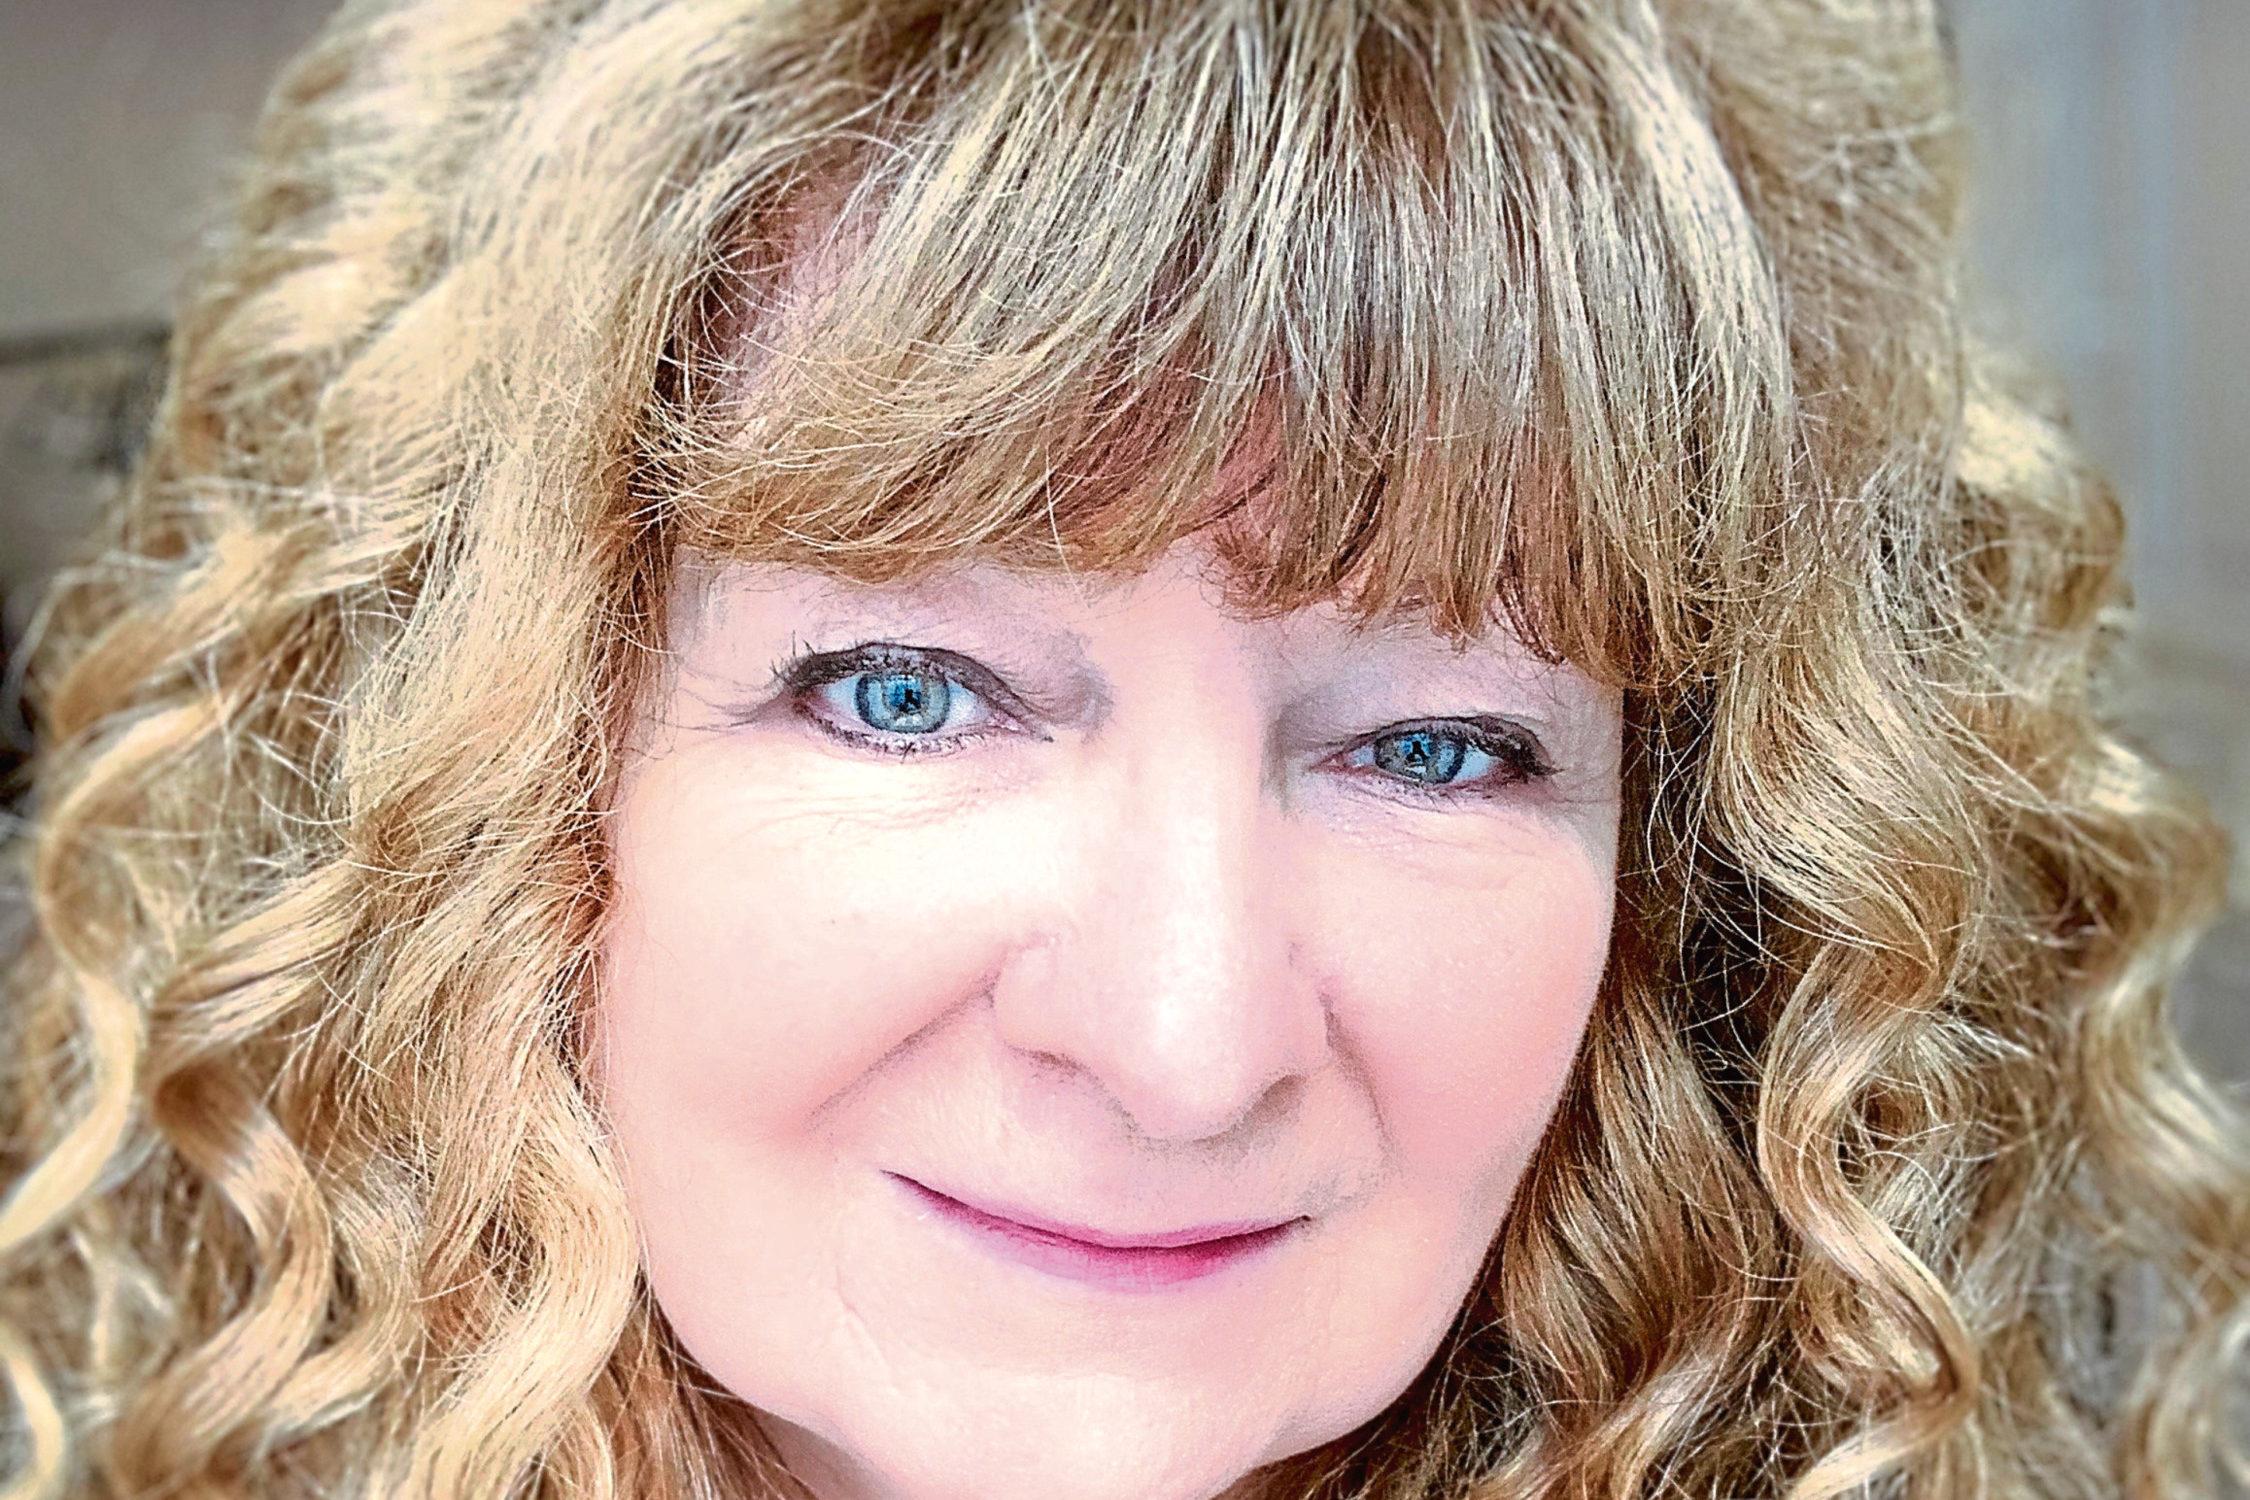 Janey Godley, Scottish comedian and social activist